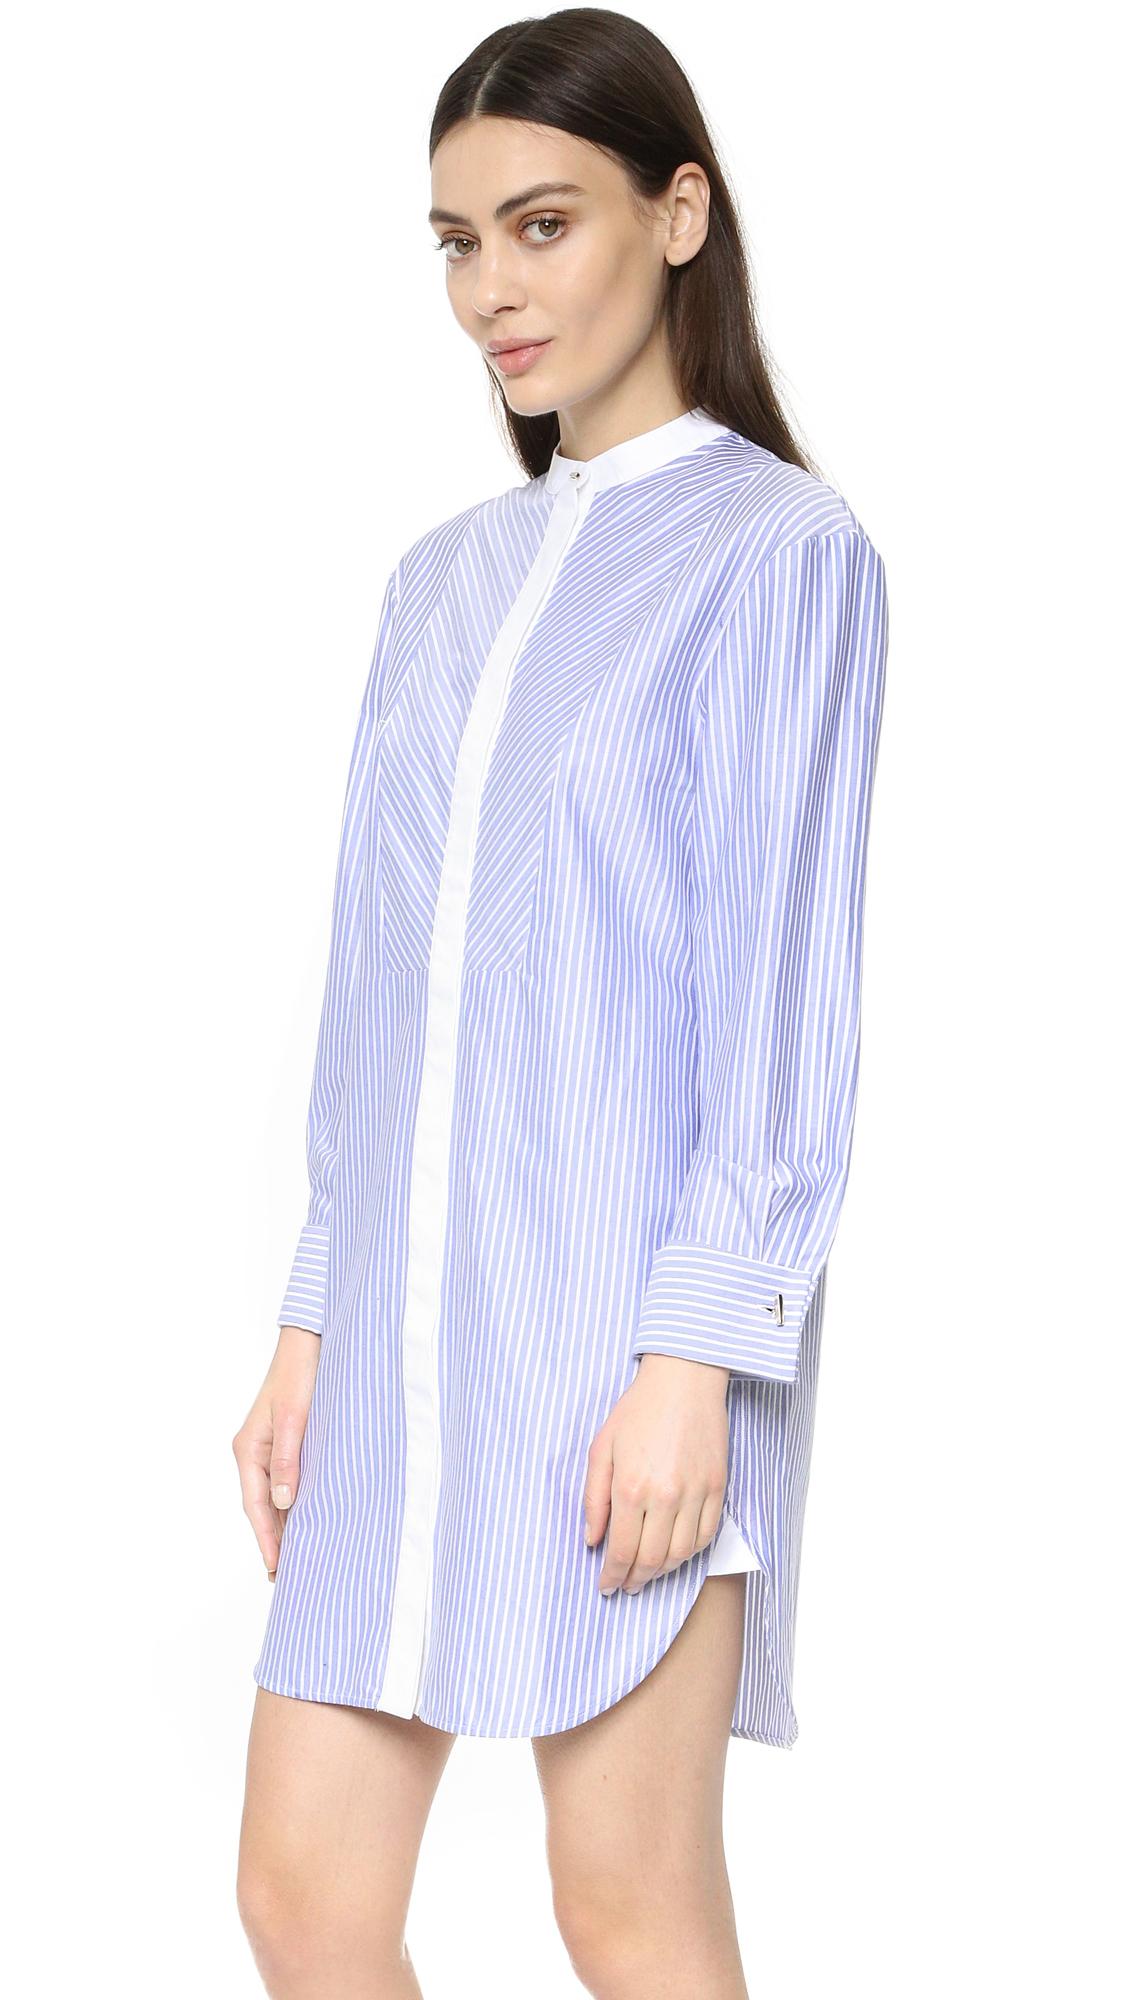 lyst olivia von halle hemmingway twill sleep shirt in white. Black Bedroom Furniture Sets. Home Design Ideas